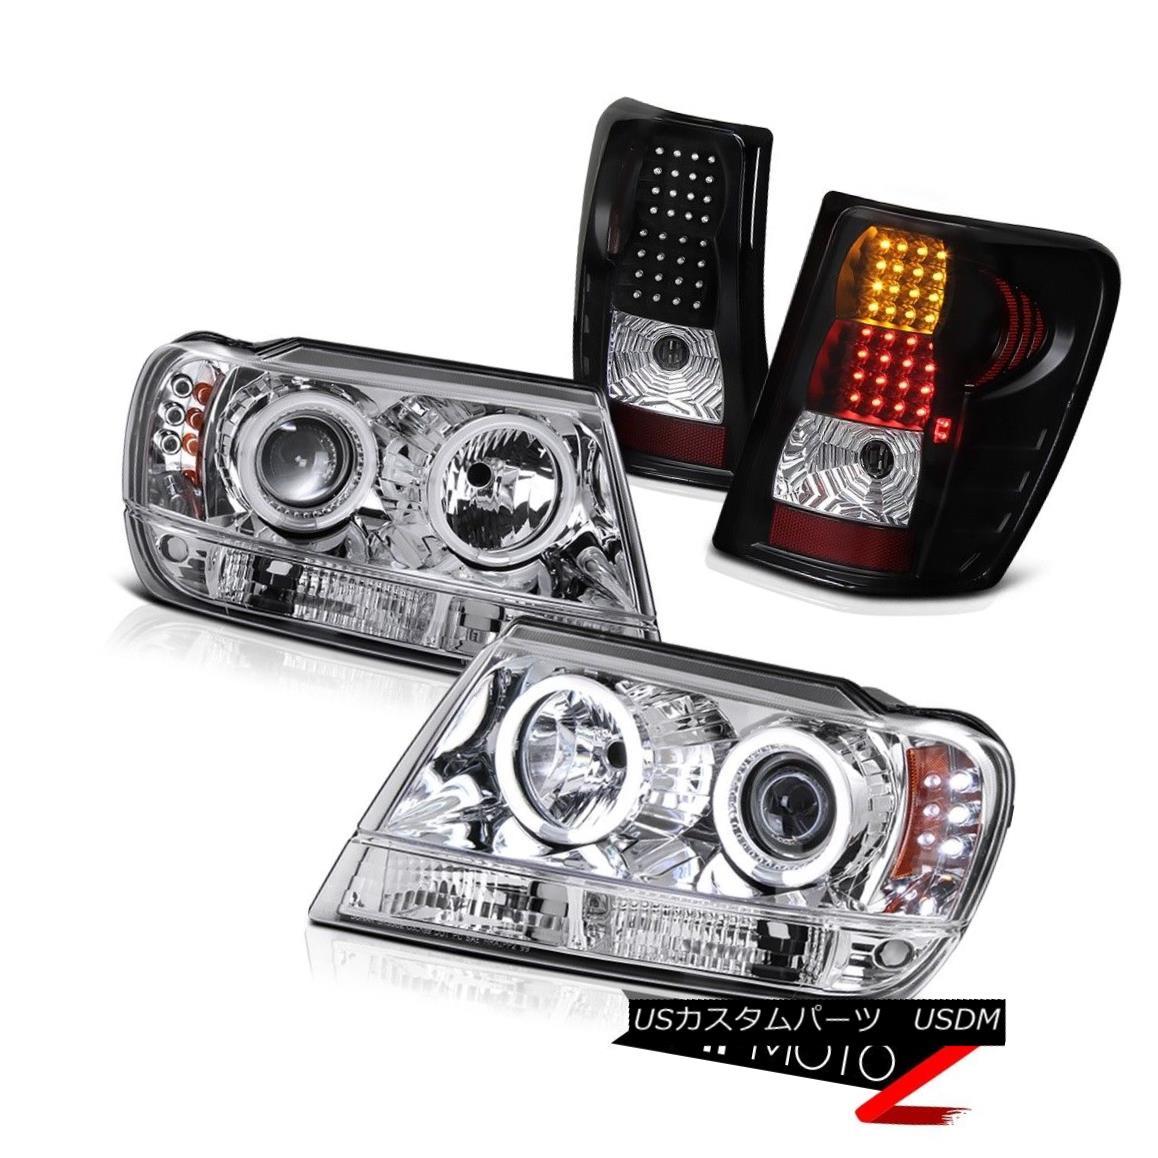 テールライト [CHROME CCFL] HALO PROJECTOR HEADLIGHT+BLACK LED TAIL LIGHT GRAND CHEROKEE 99-03 [CHROME CCFL]ハロープロジェクターヘッドライト+ BLAC K LEDテールライトグランチェロキー99-03